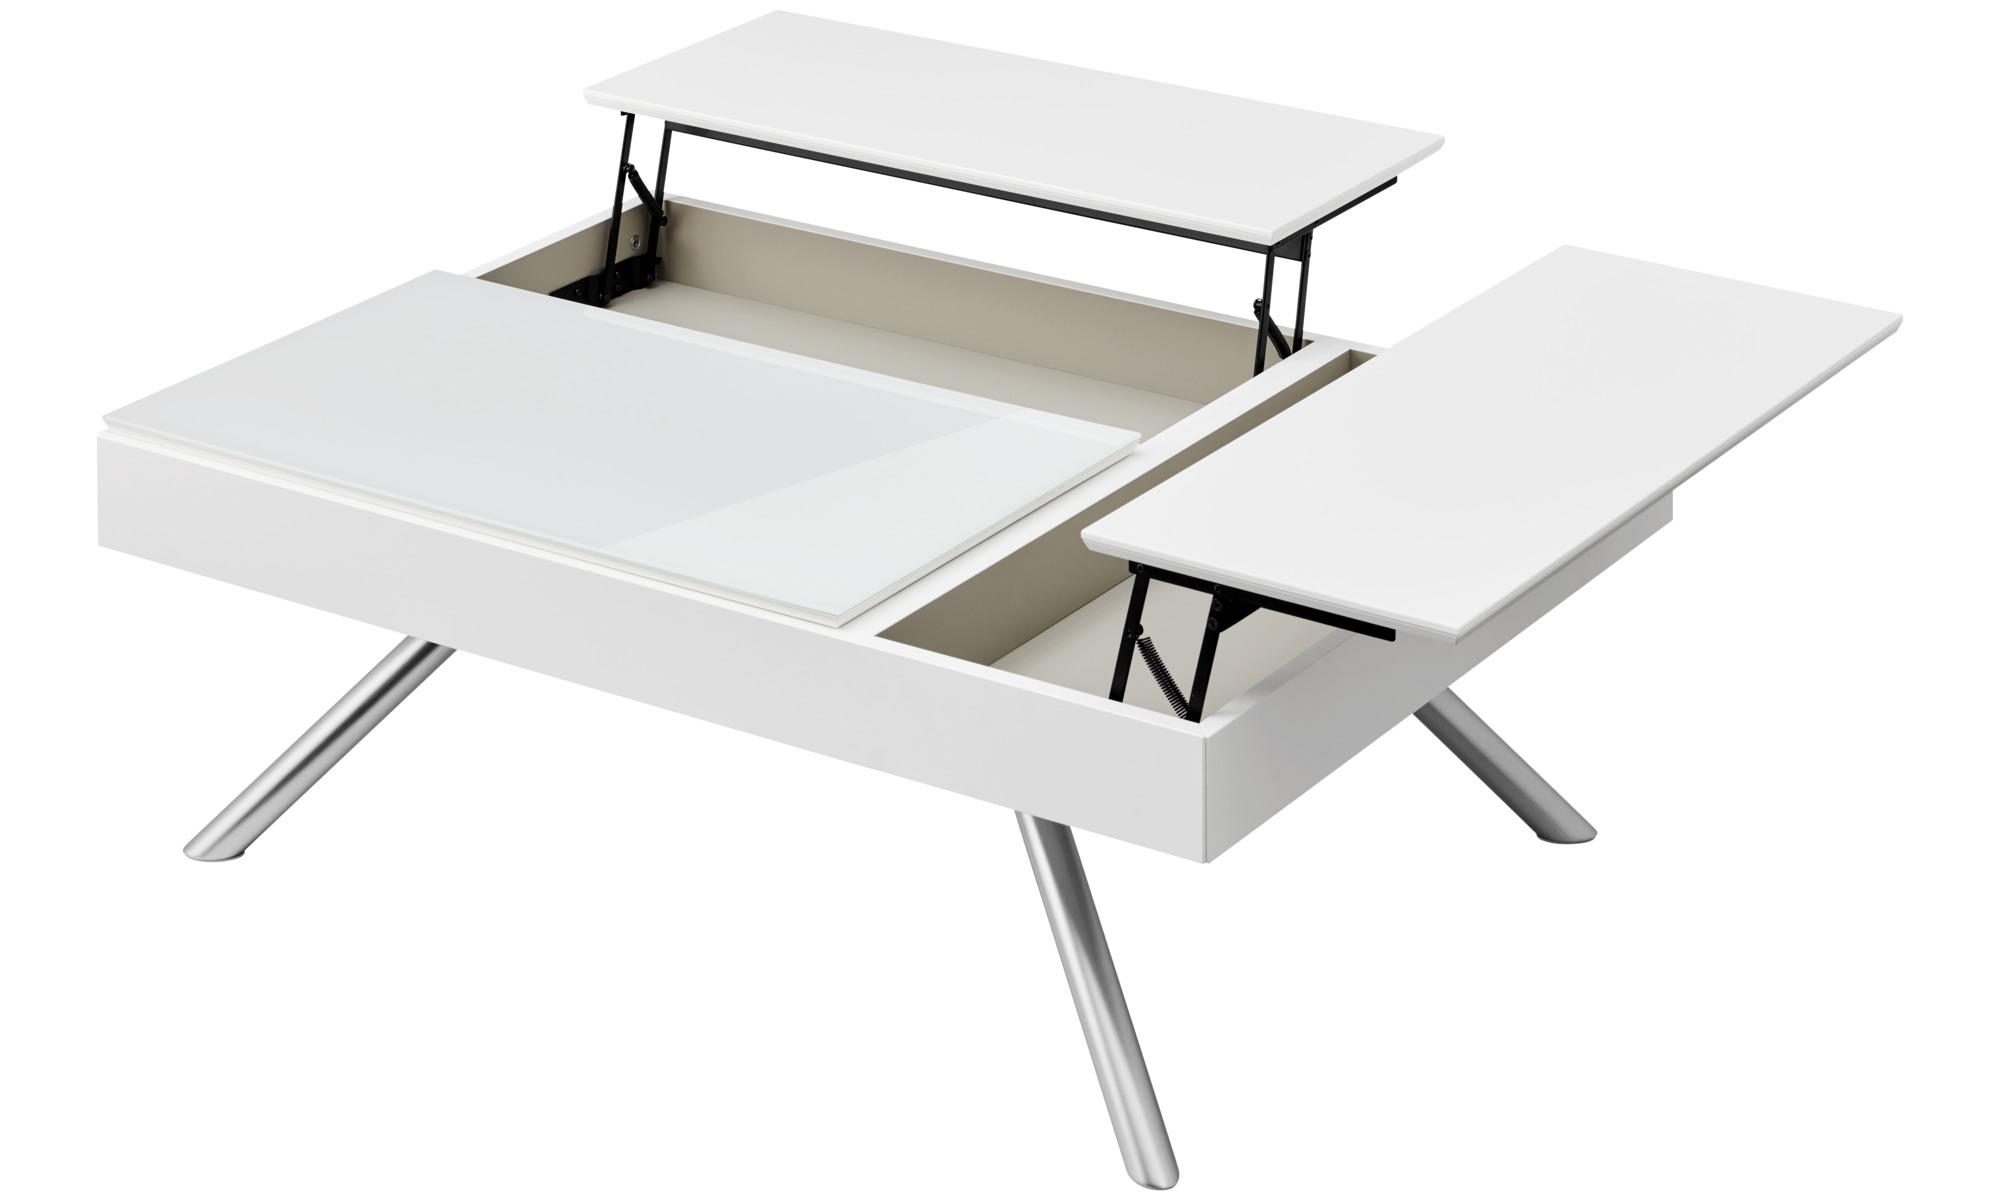 couchtische chiva funktionaler couchtisch mit ablage. Black Bedroom Furniture Sets. Home Design Ideas